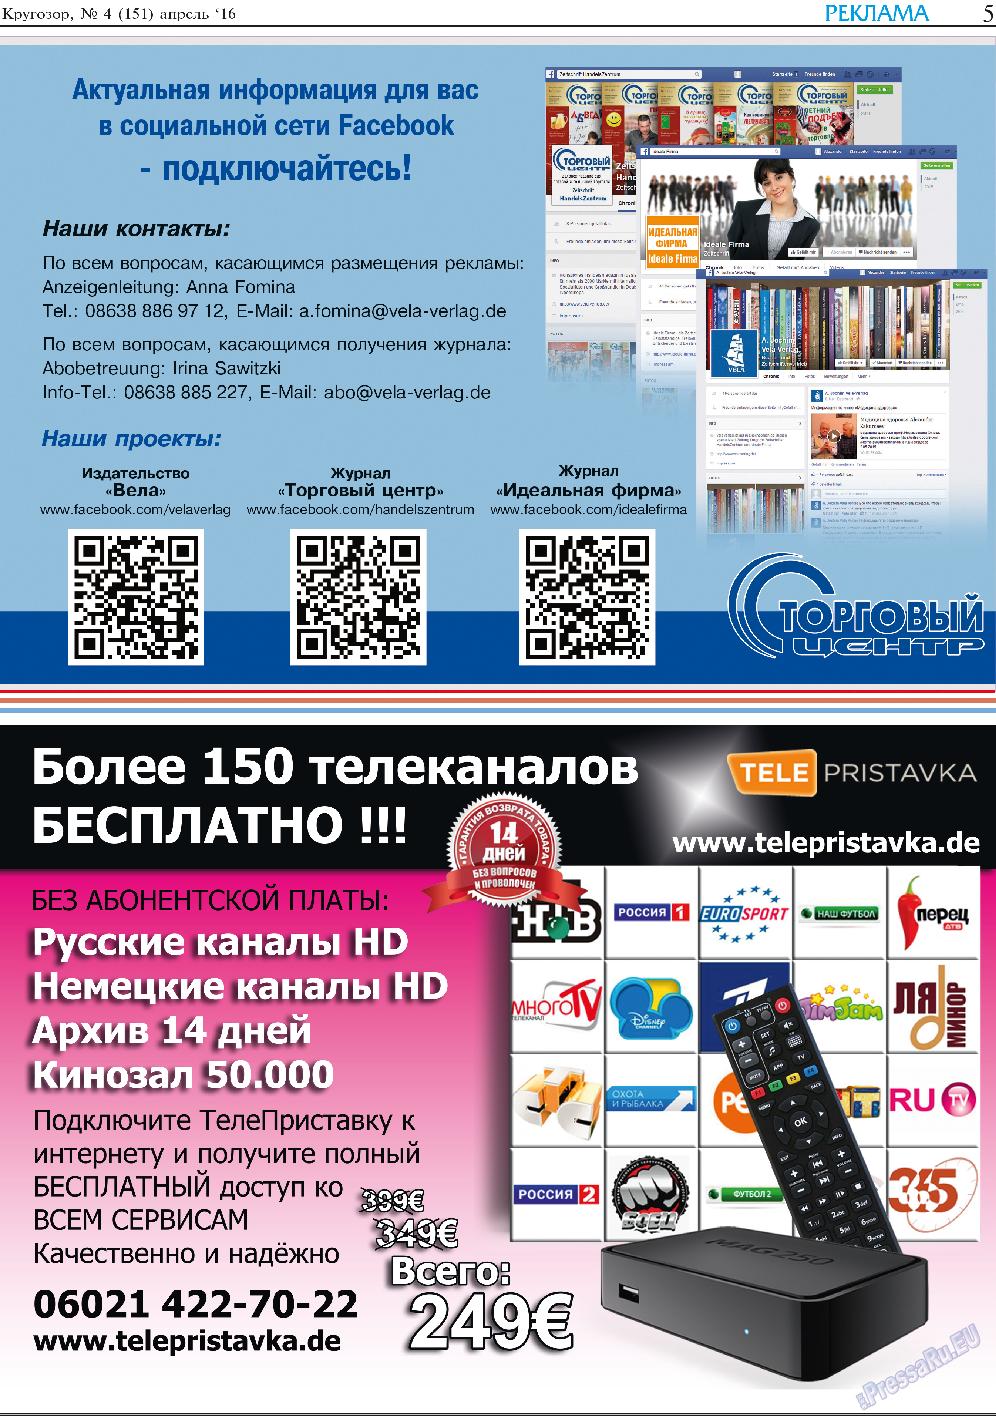 Кругозор (газета). 2016 год, номер 4, стр. 5